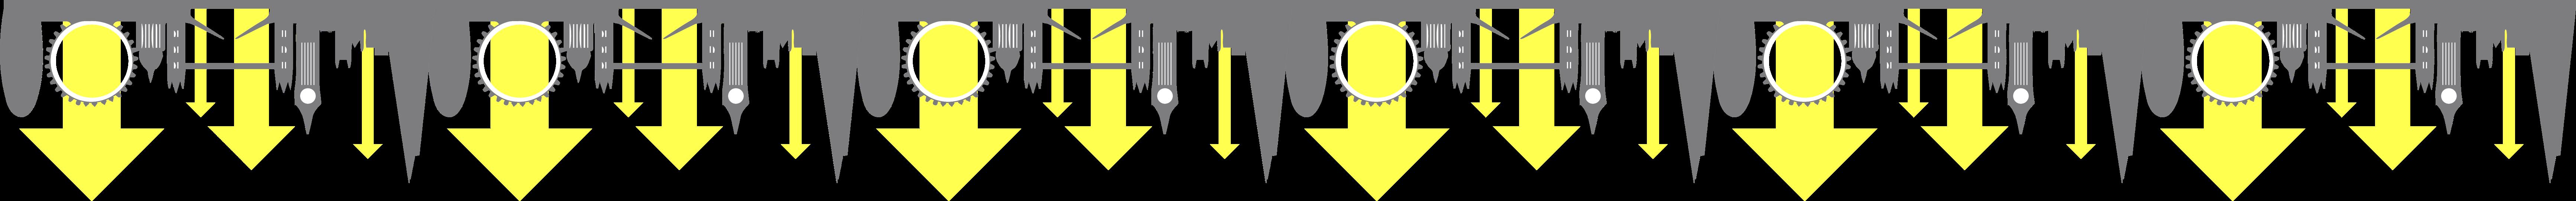 londonbuild